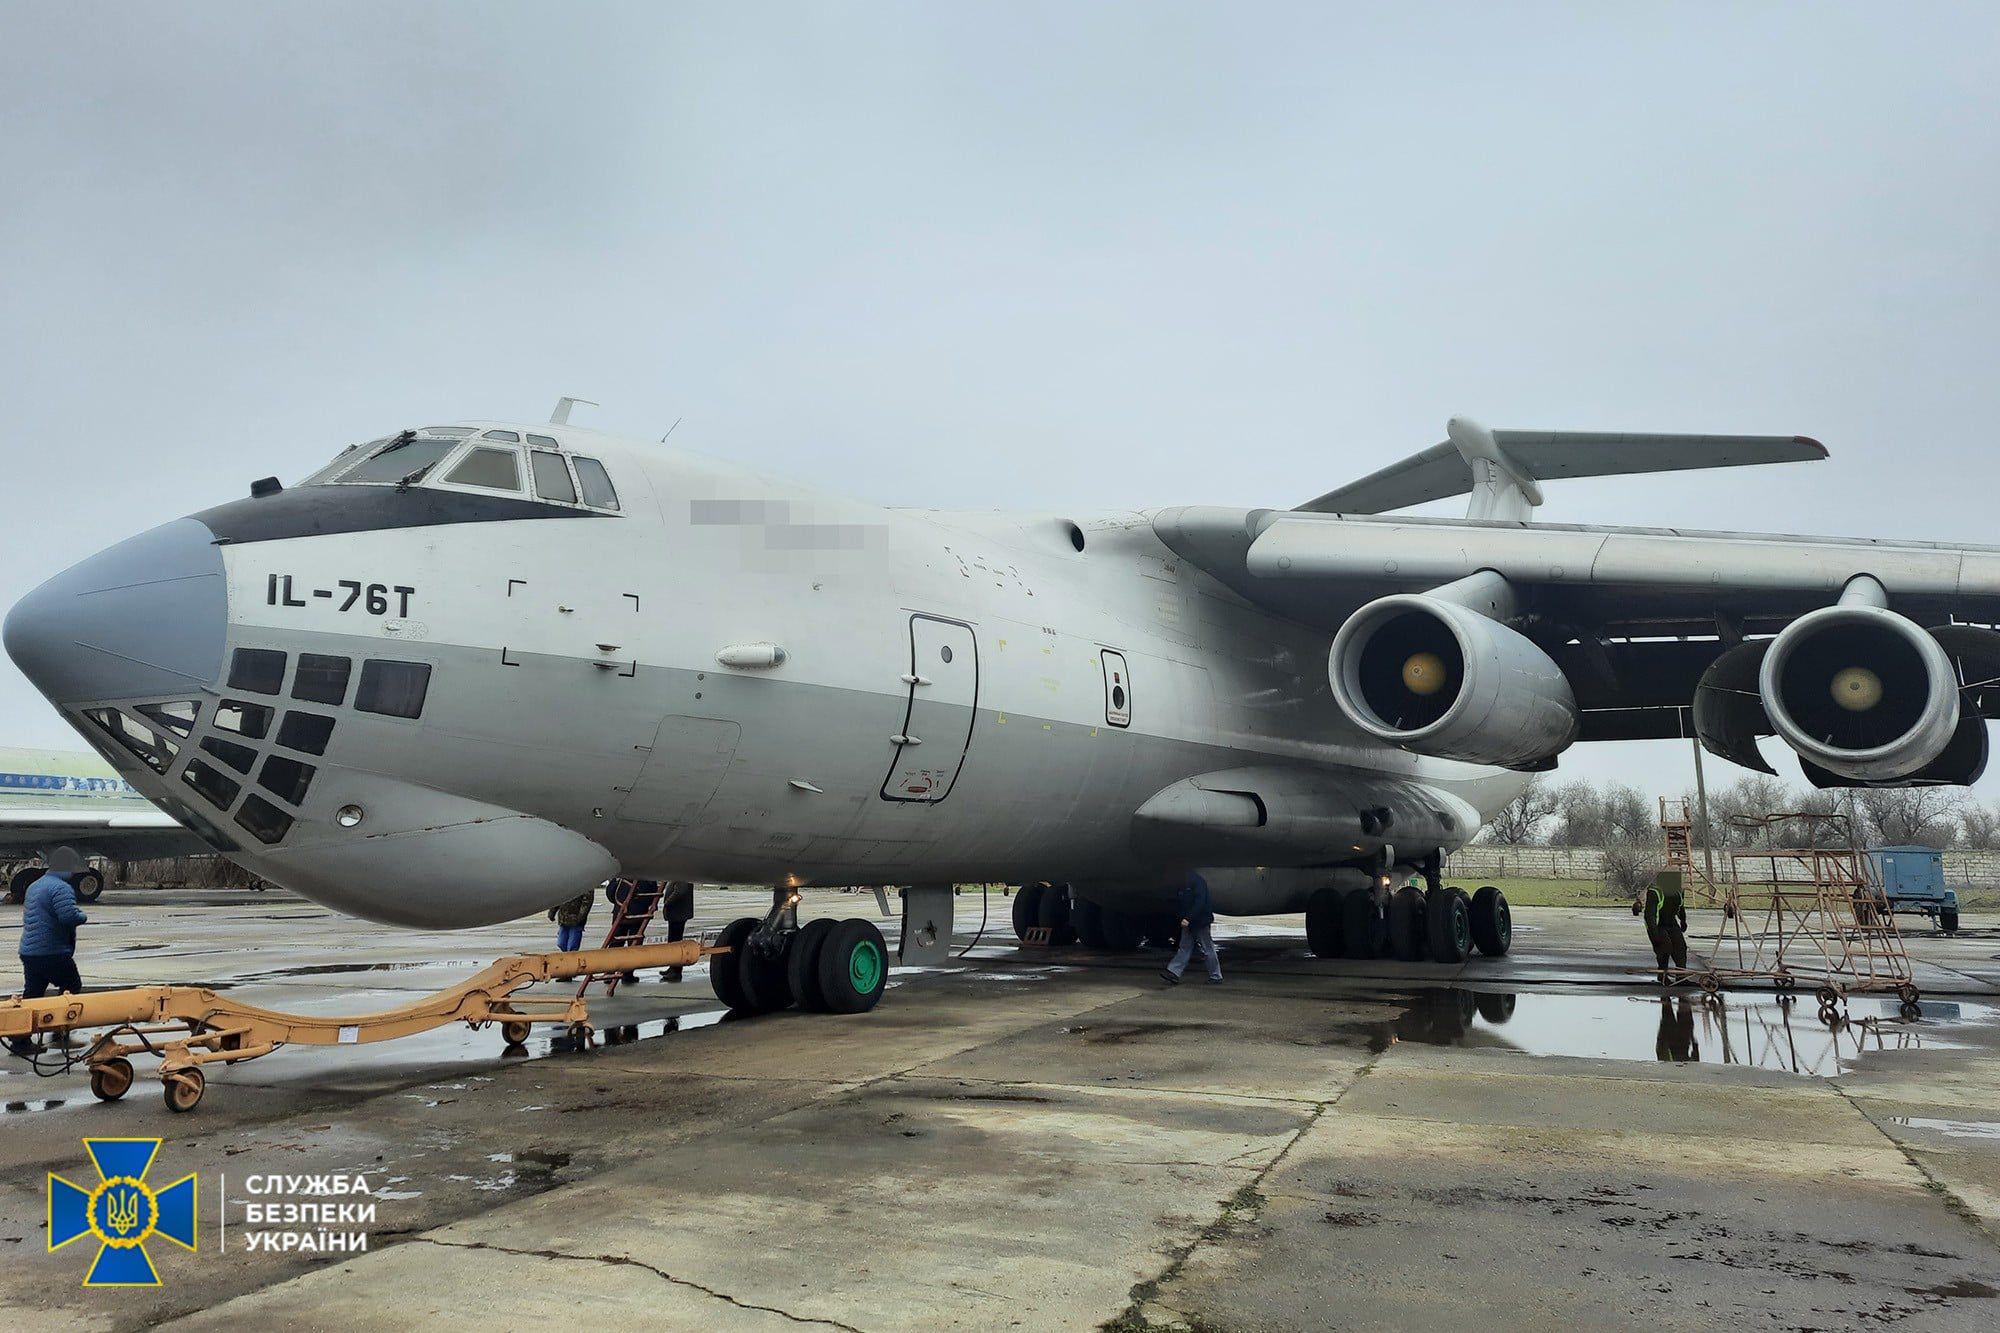 Николаевщина: Оборудование для самолетов не вывезли за пределы страны